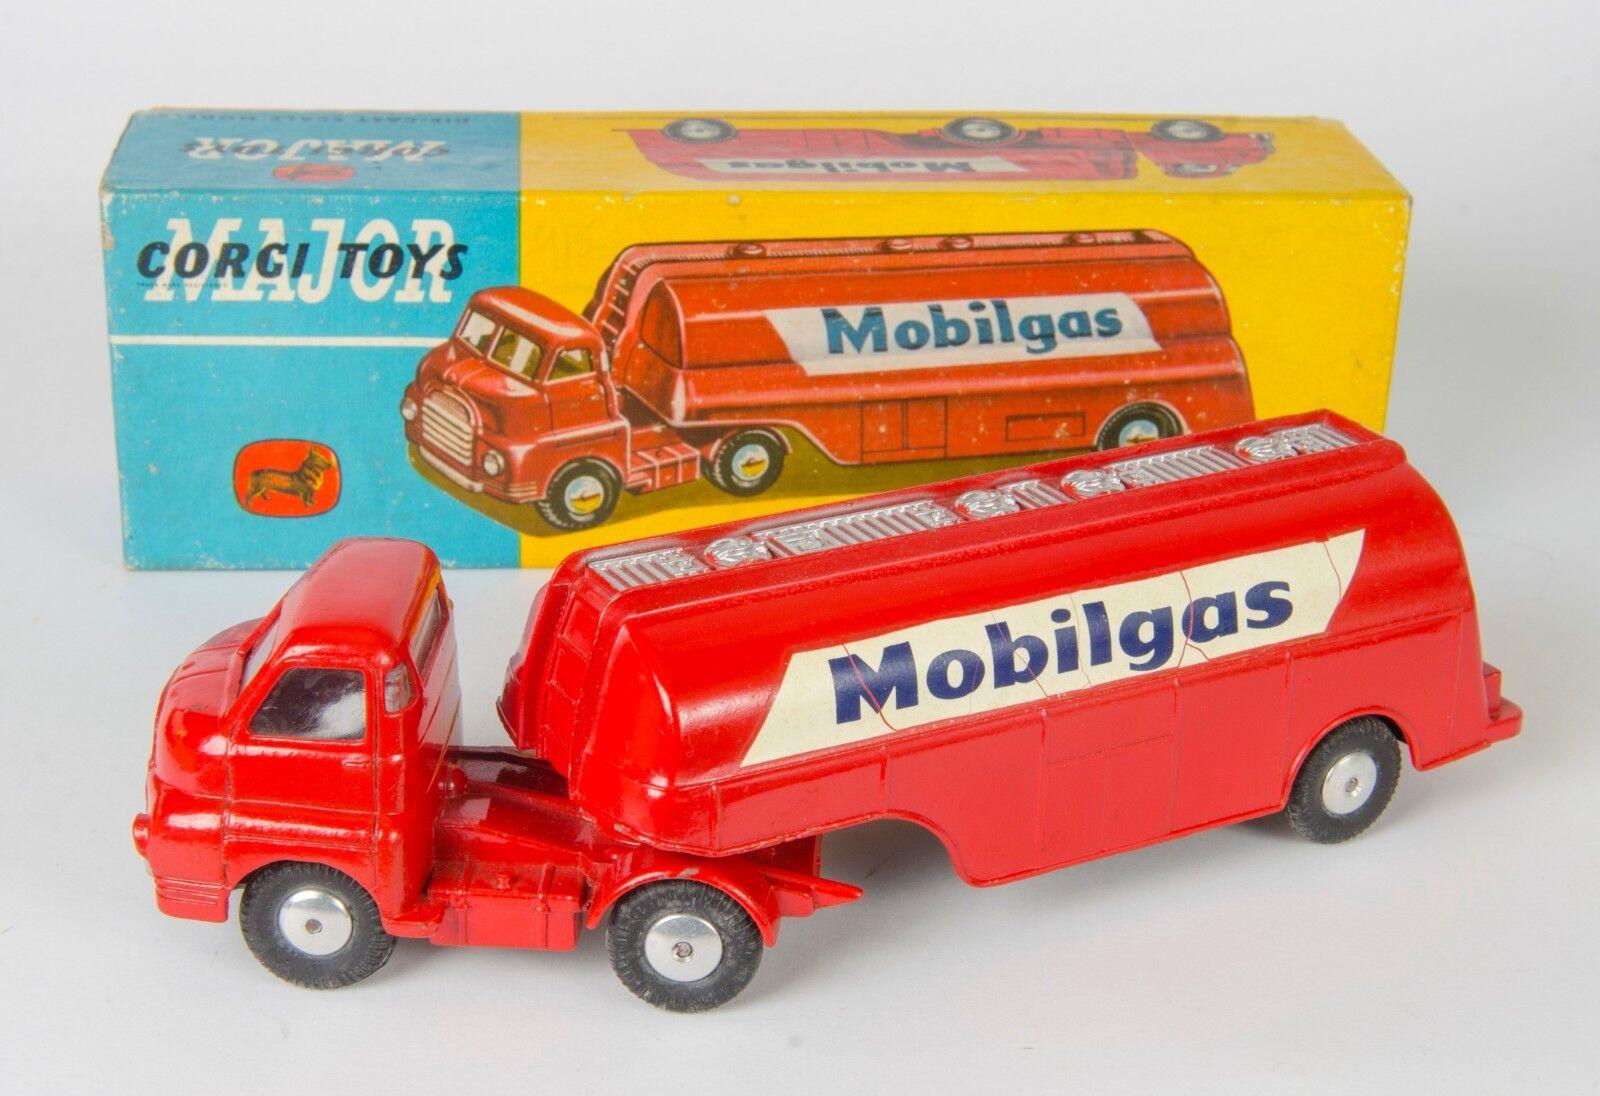 Corgi Major 1 Mobilgas gasolina petrolero. Near-mint & boxed. Original Década de 1950